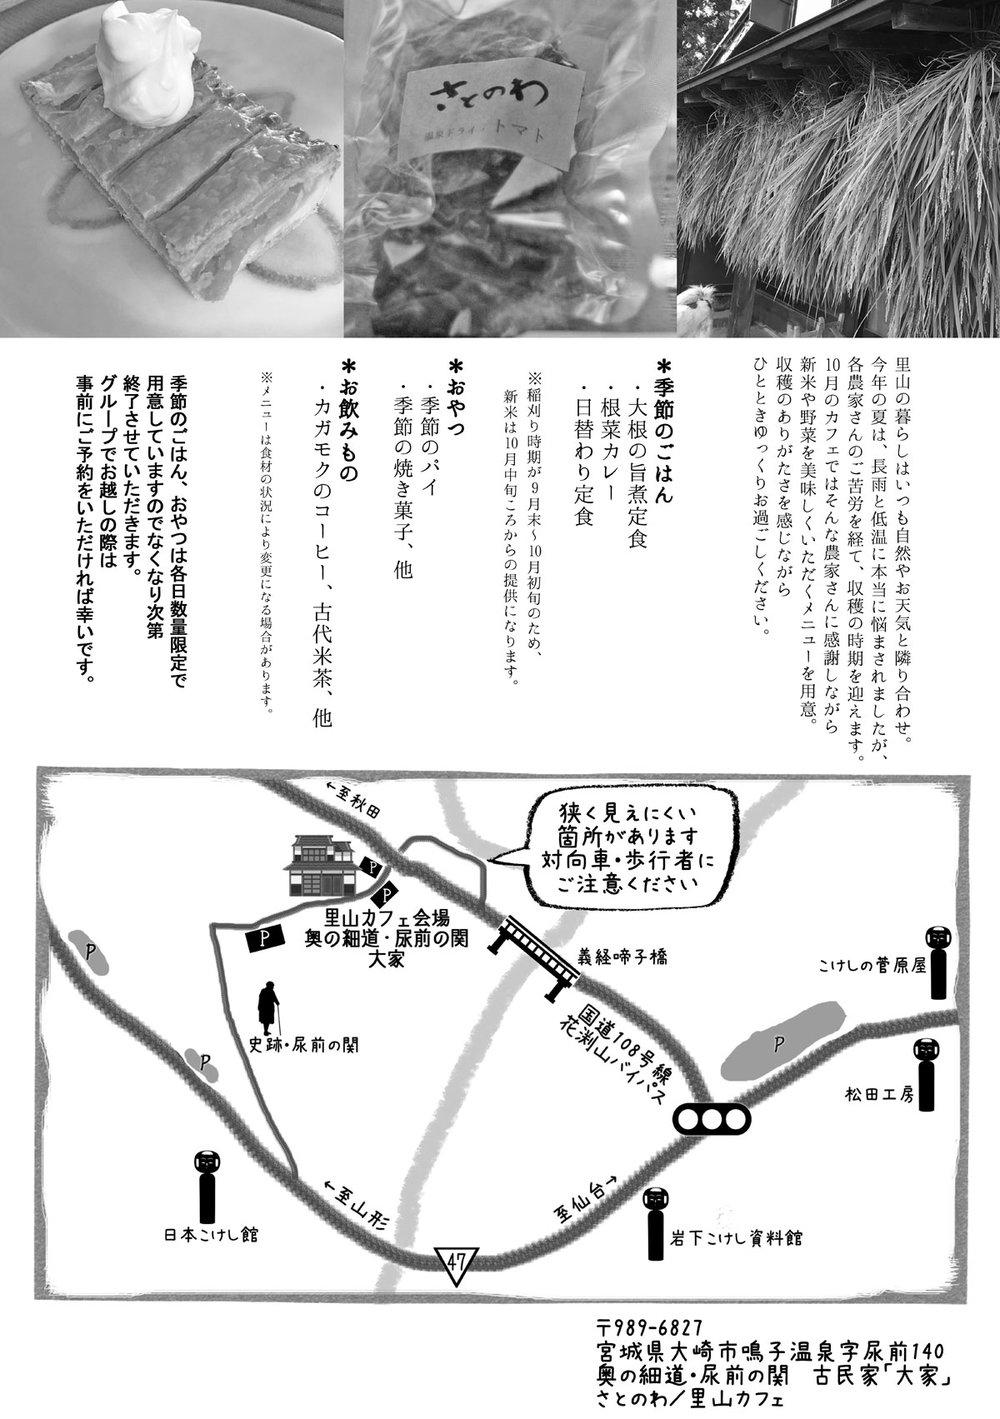 10月_ウラ.jpg